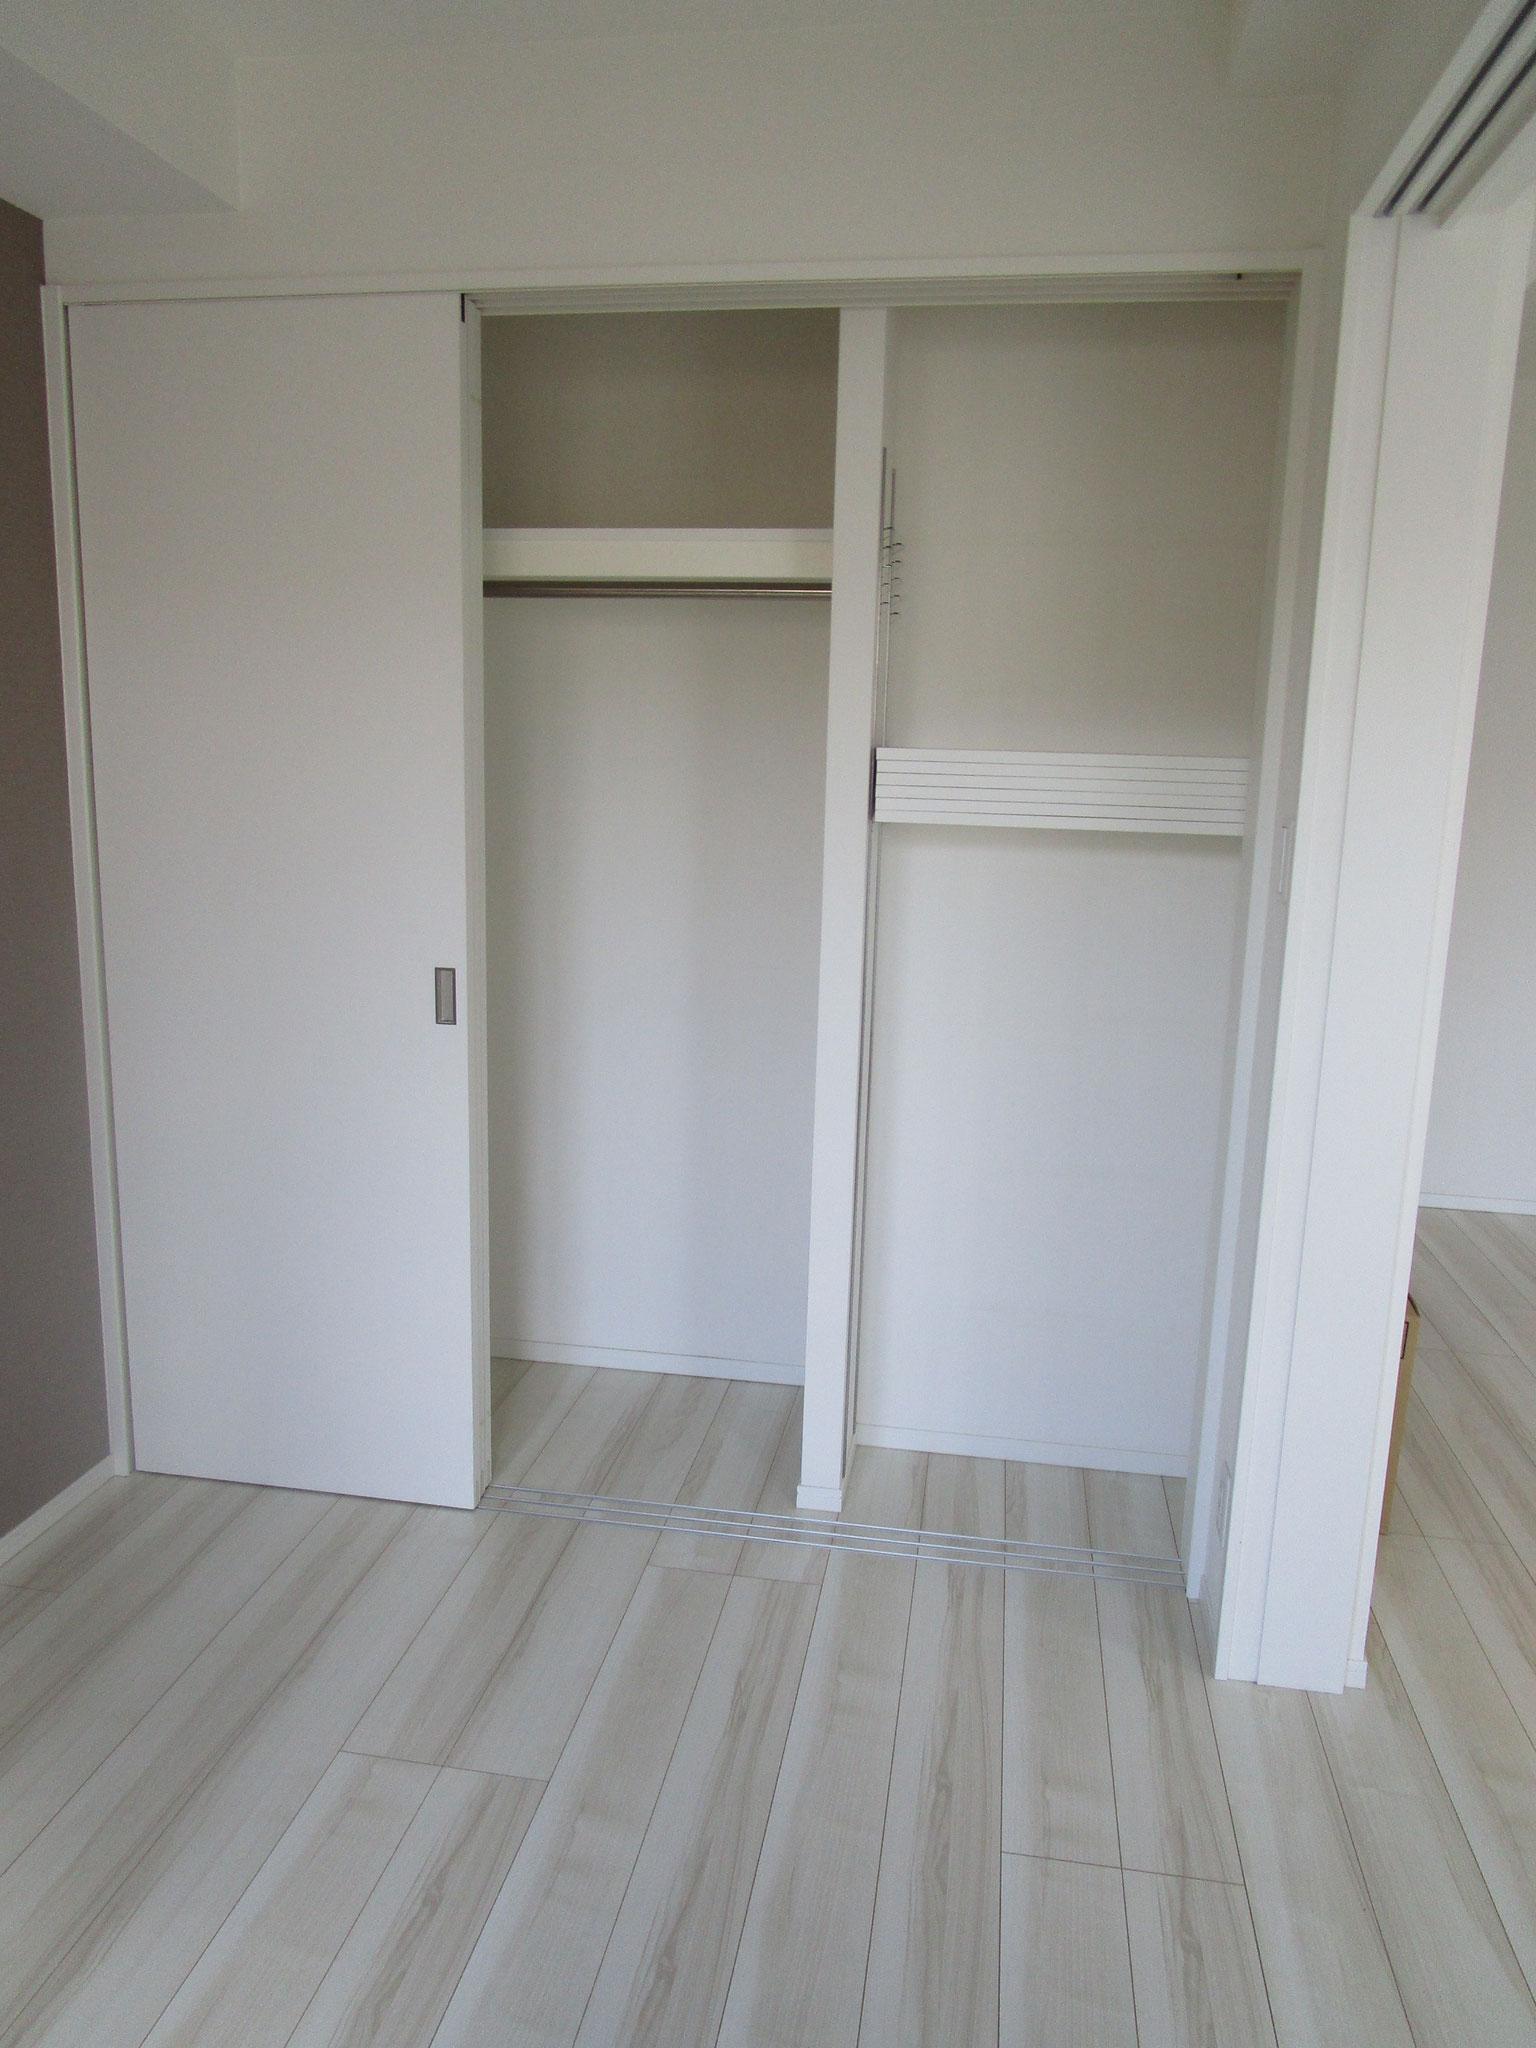 洋室のクローゼットと可動式の棚